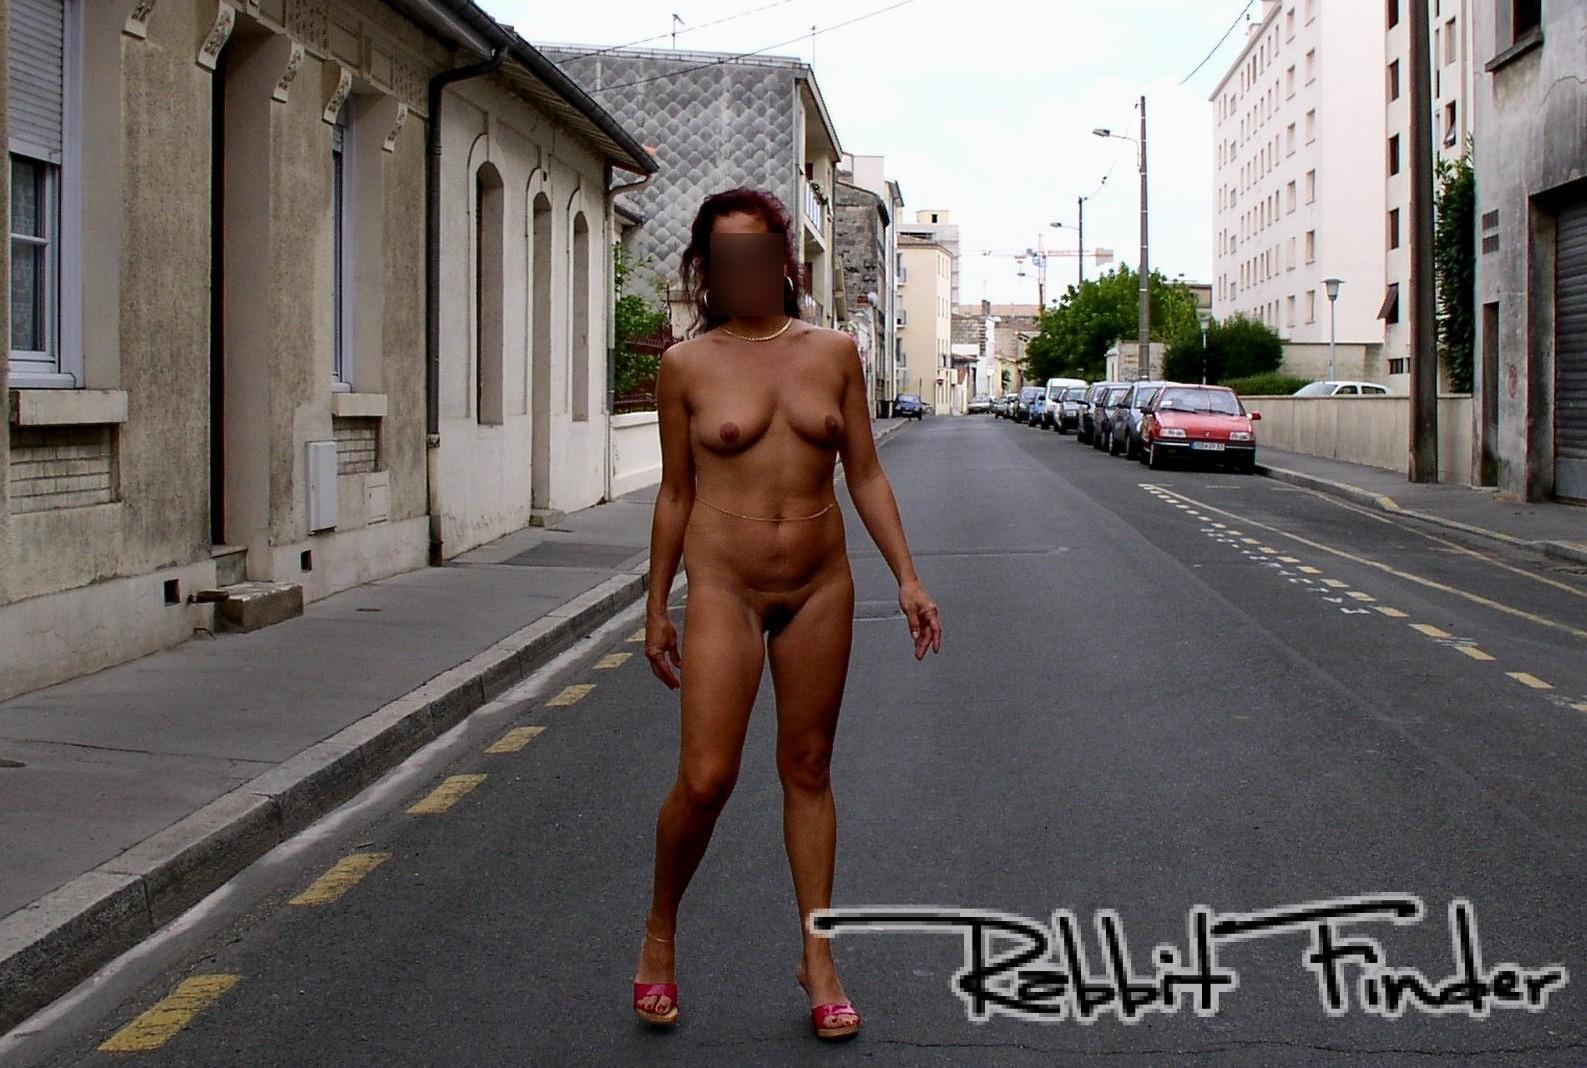 promenade dans bordeaux - sexe amateur: photos amateur, exhibition